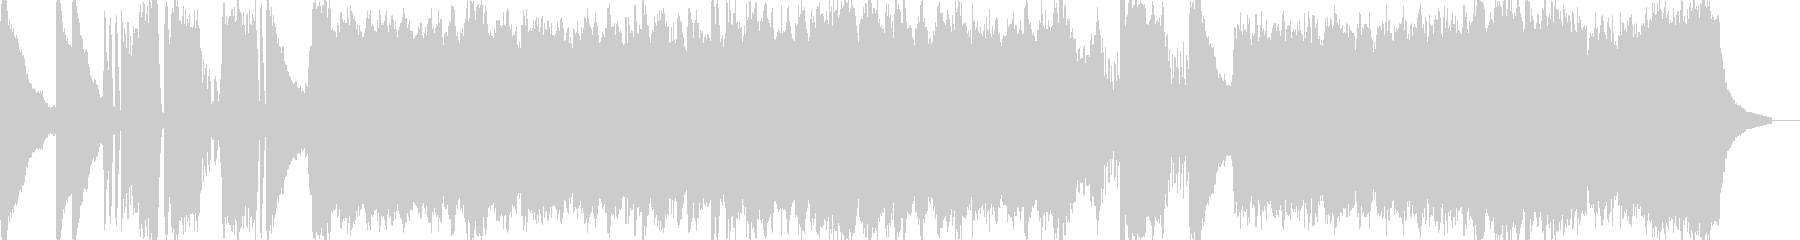 クラシック センチメンタル 技術的...の未再生の波形